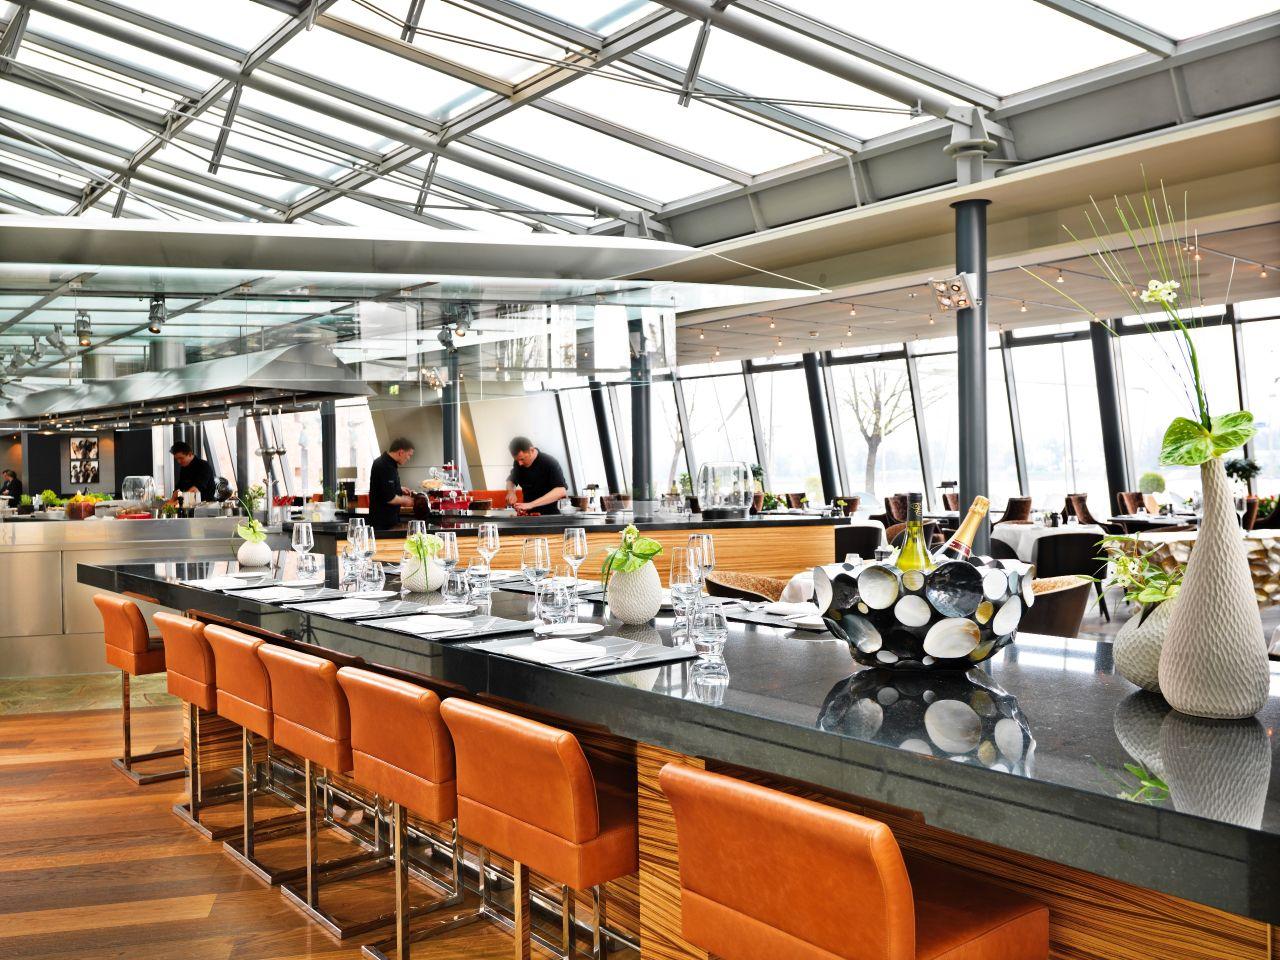 Bellpepper Restaurant Chef's Table